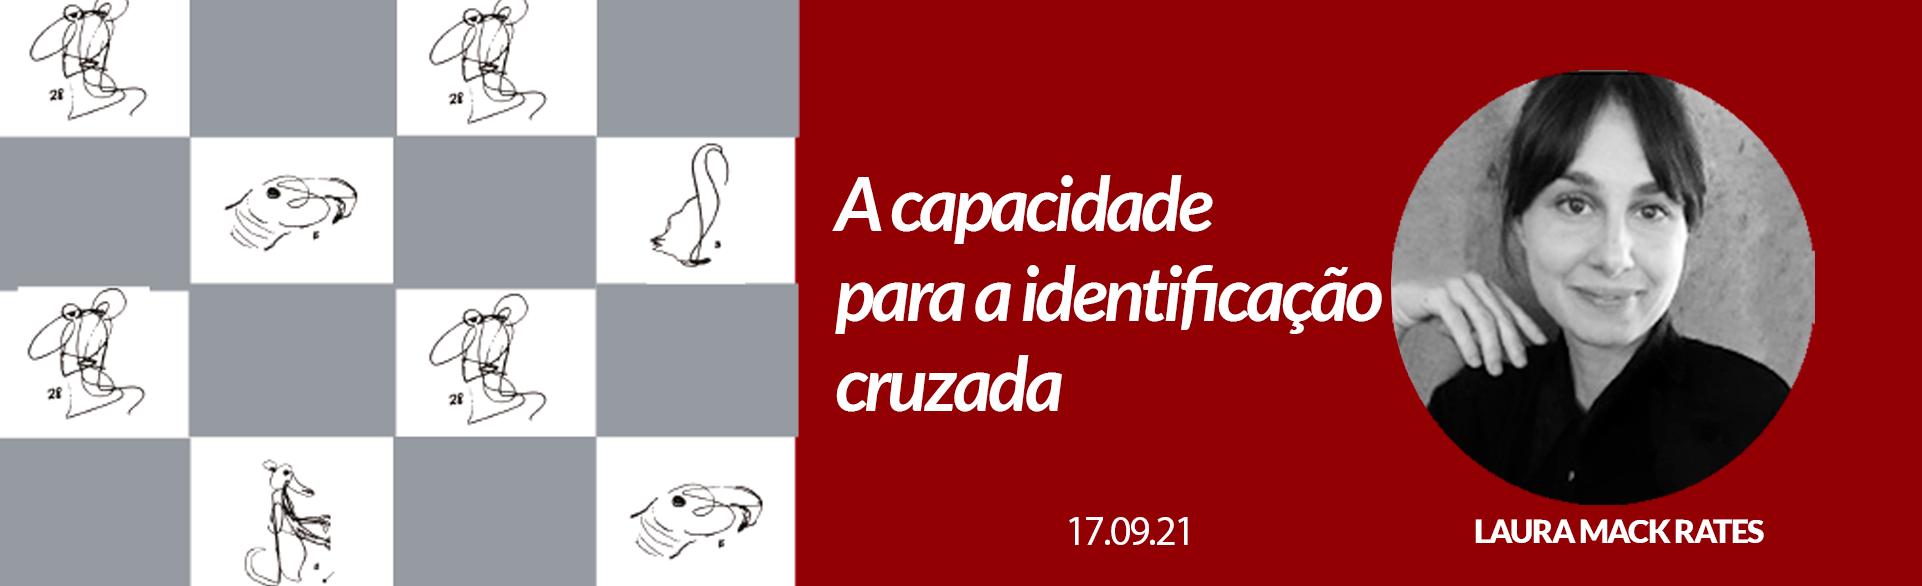 A CAPACIDADE PARA A IDENTIFICAÇÃO CRUZADA